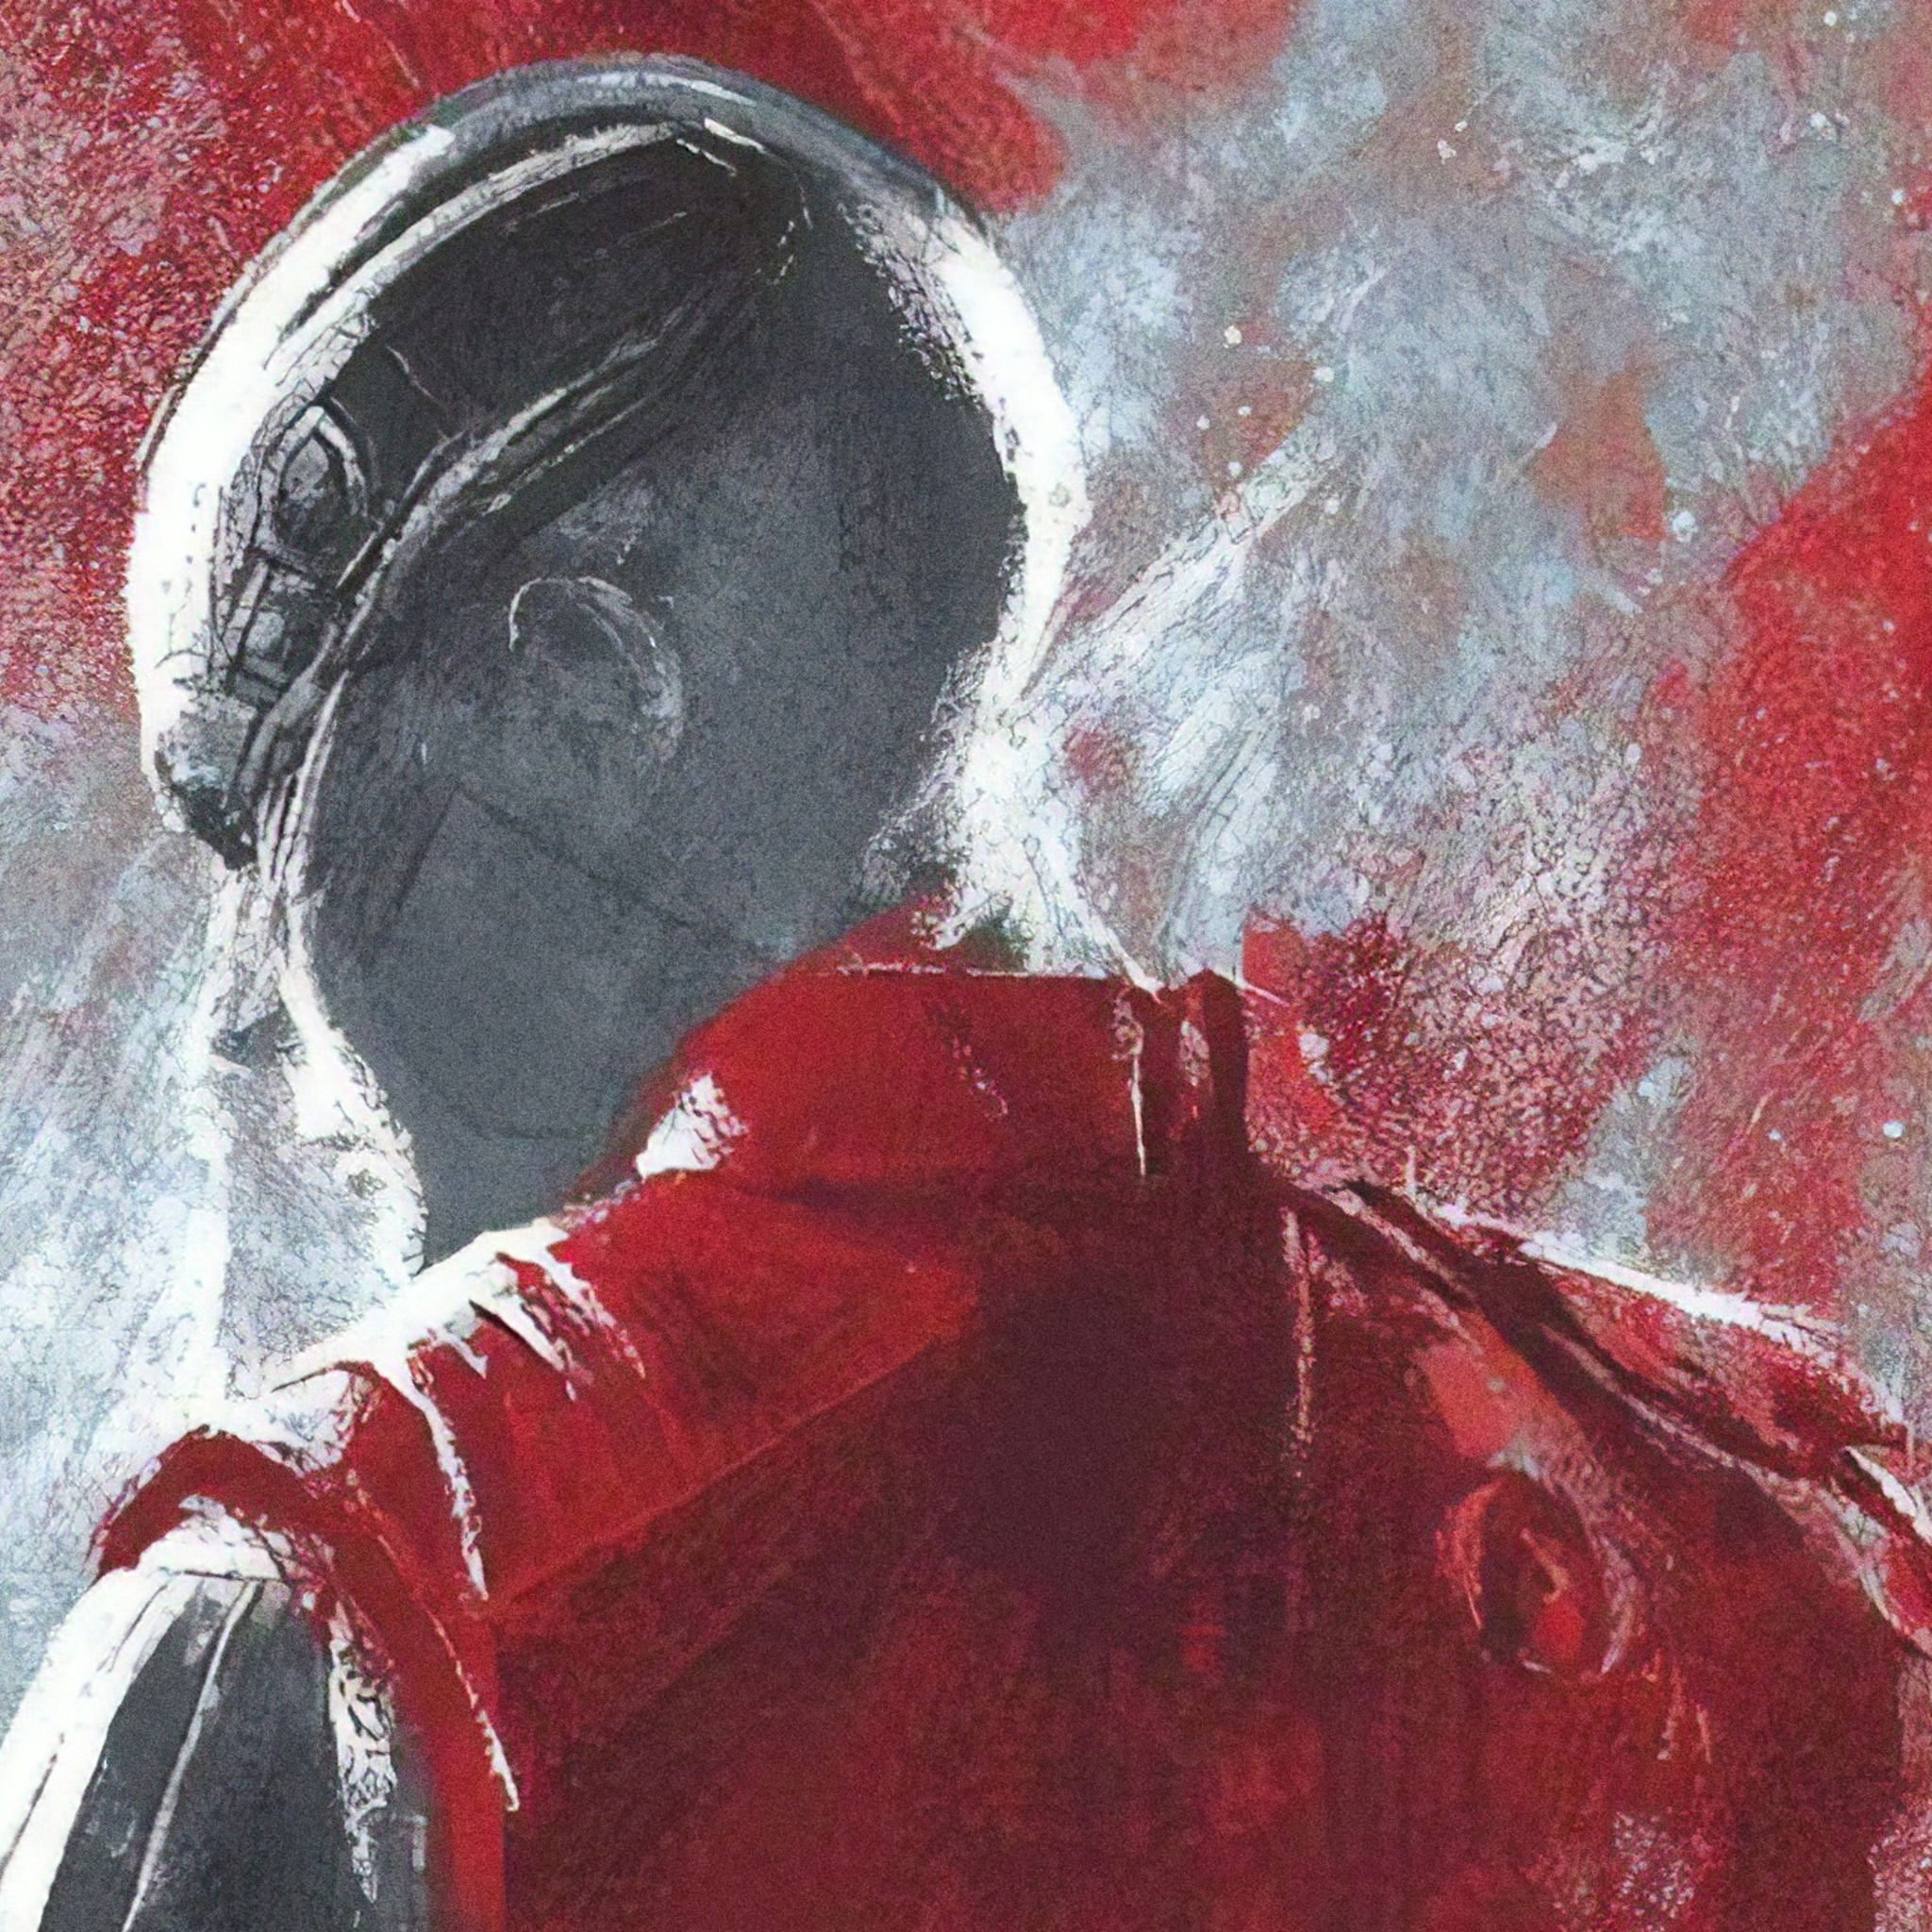 nebula-avengers-endgame-2019-or.jpg